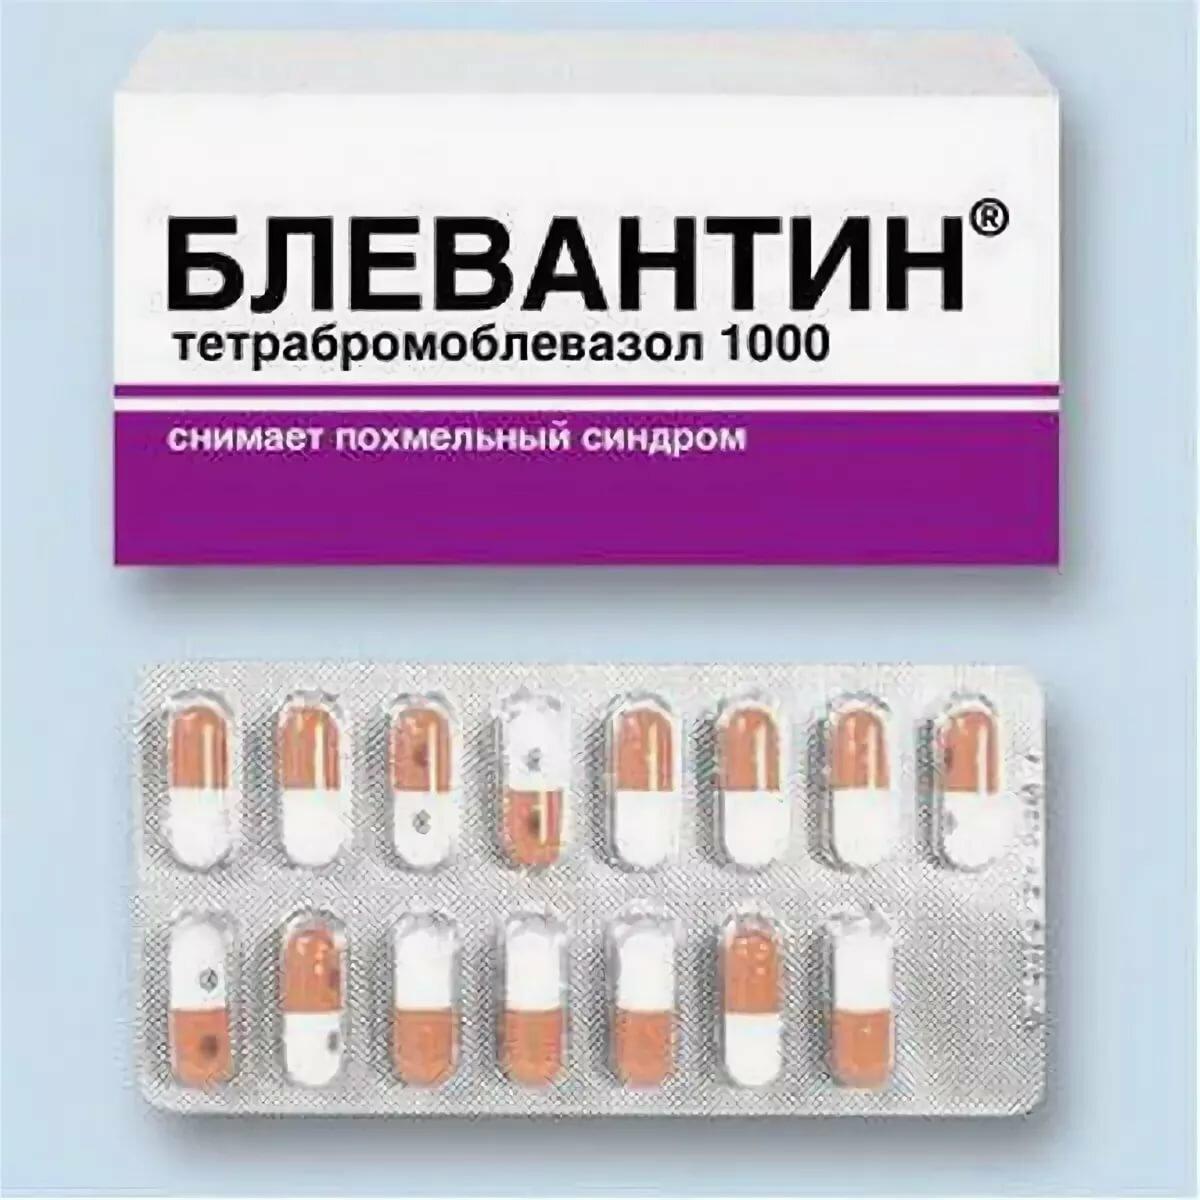 Картинки надписью, прикольные картинки лекарства